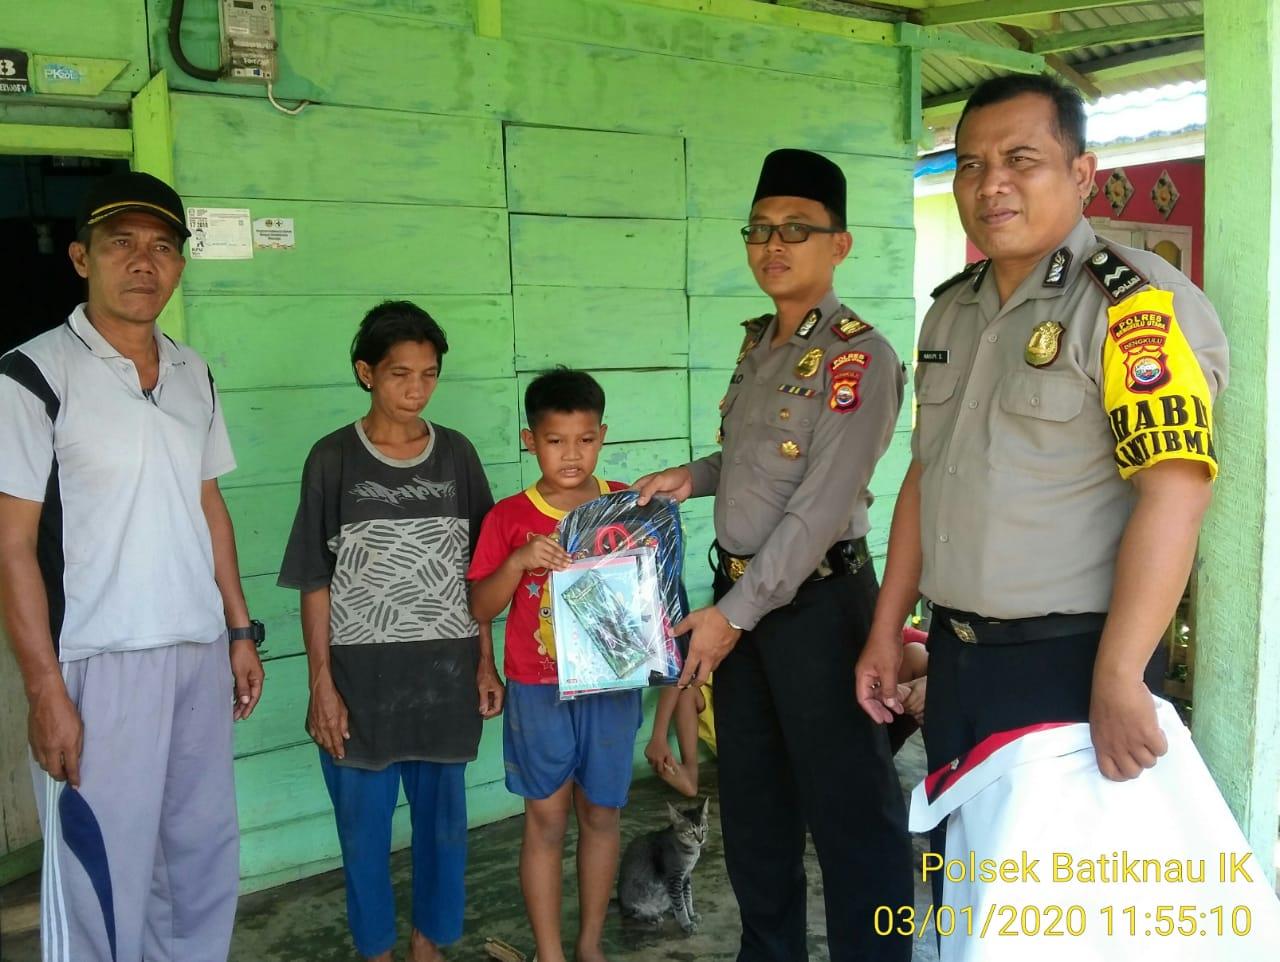 Peduli Anak Yatim, Kapolsek Batiknau Bantu Peralatan Sekolah